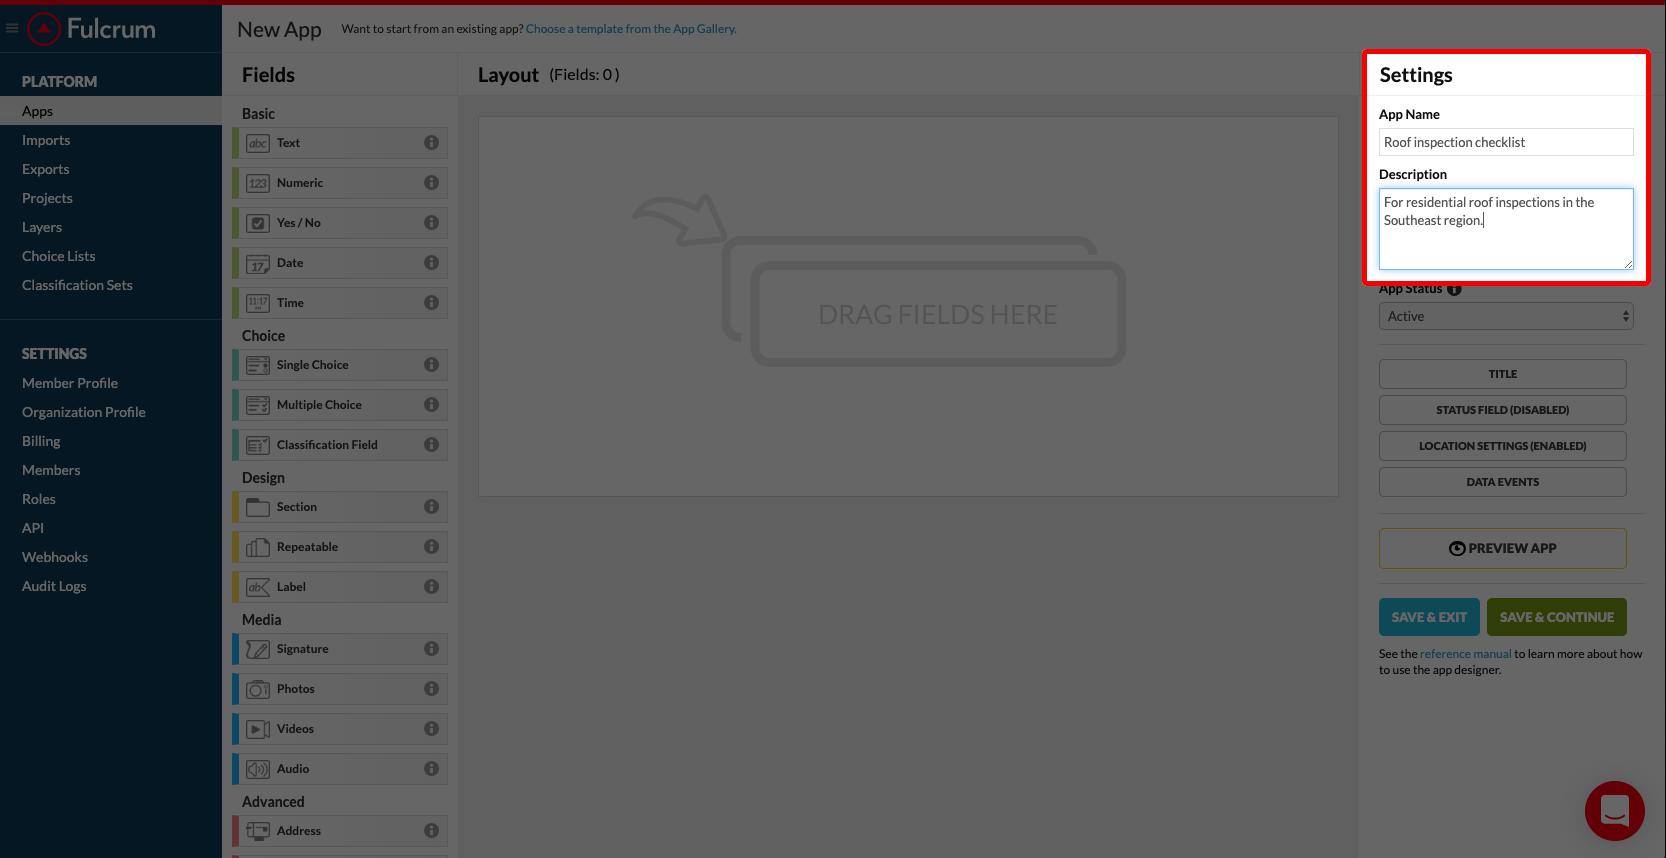 The Settings menu of the Fulcrum app builder